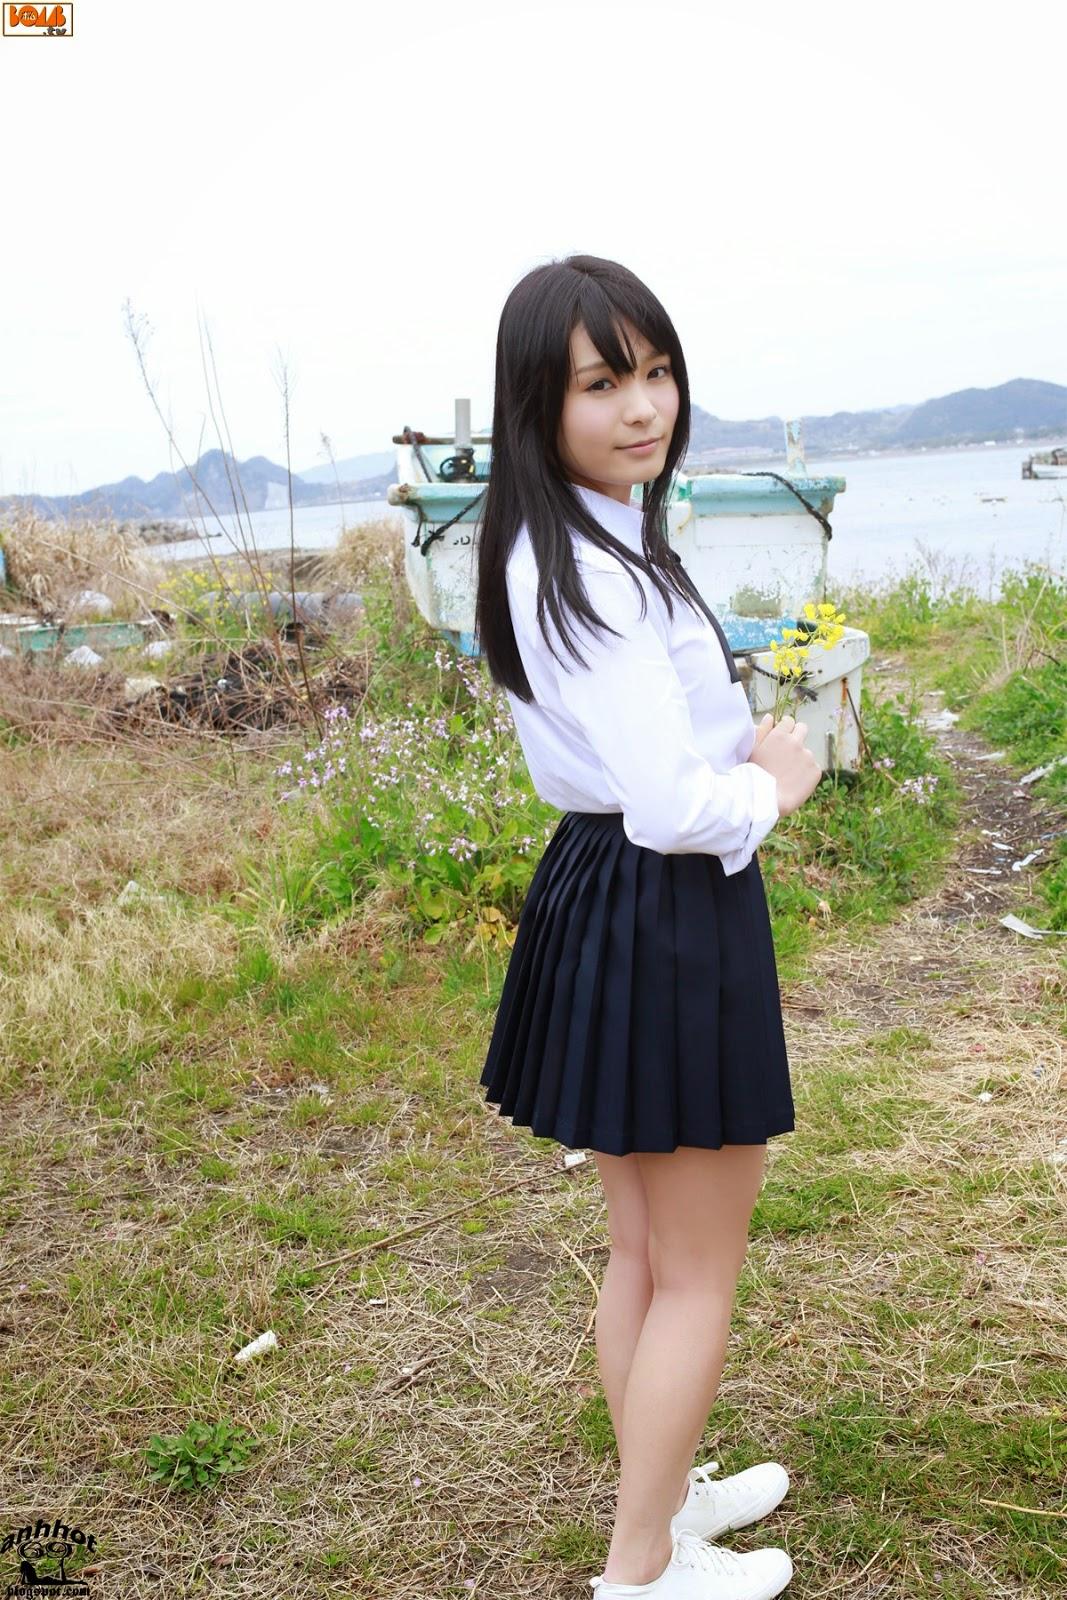 mizuki-hoshina-02127824